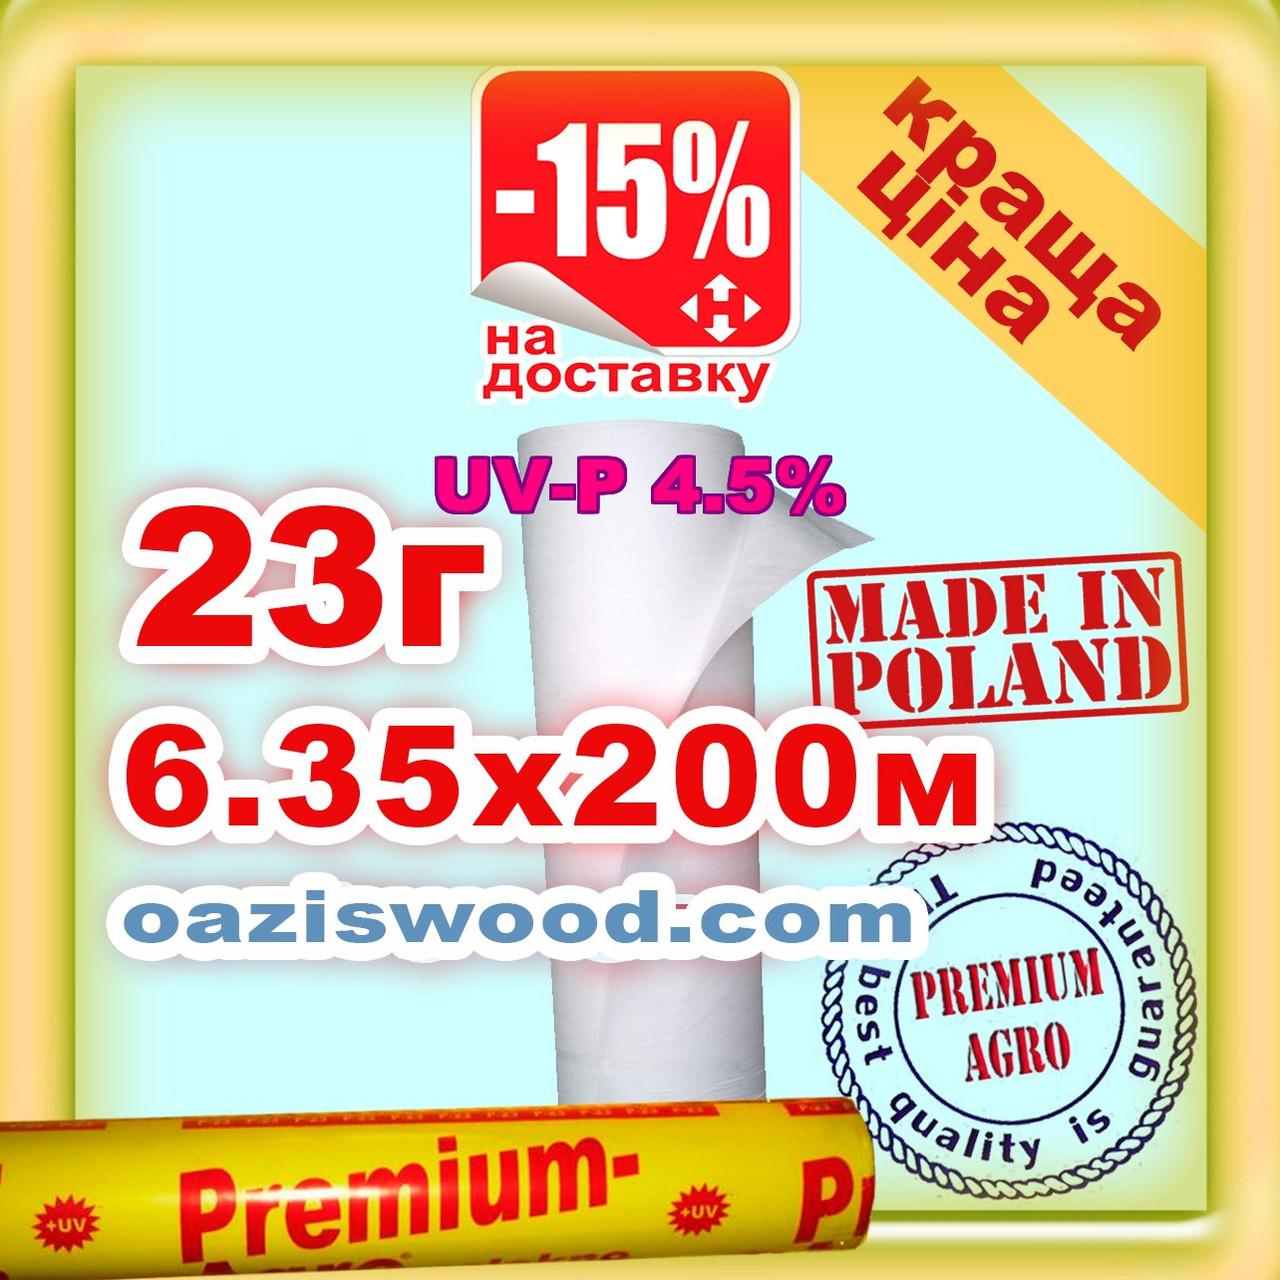 Агроволокно р-23g 6.35*200м белое UV-P 4.5% Premium-Agro Польша